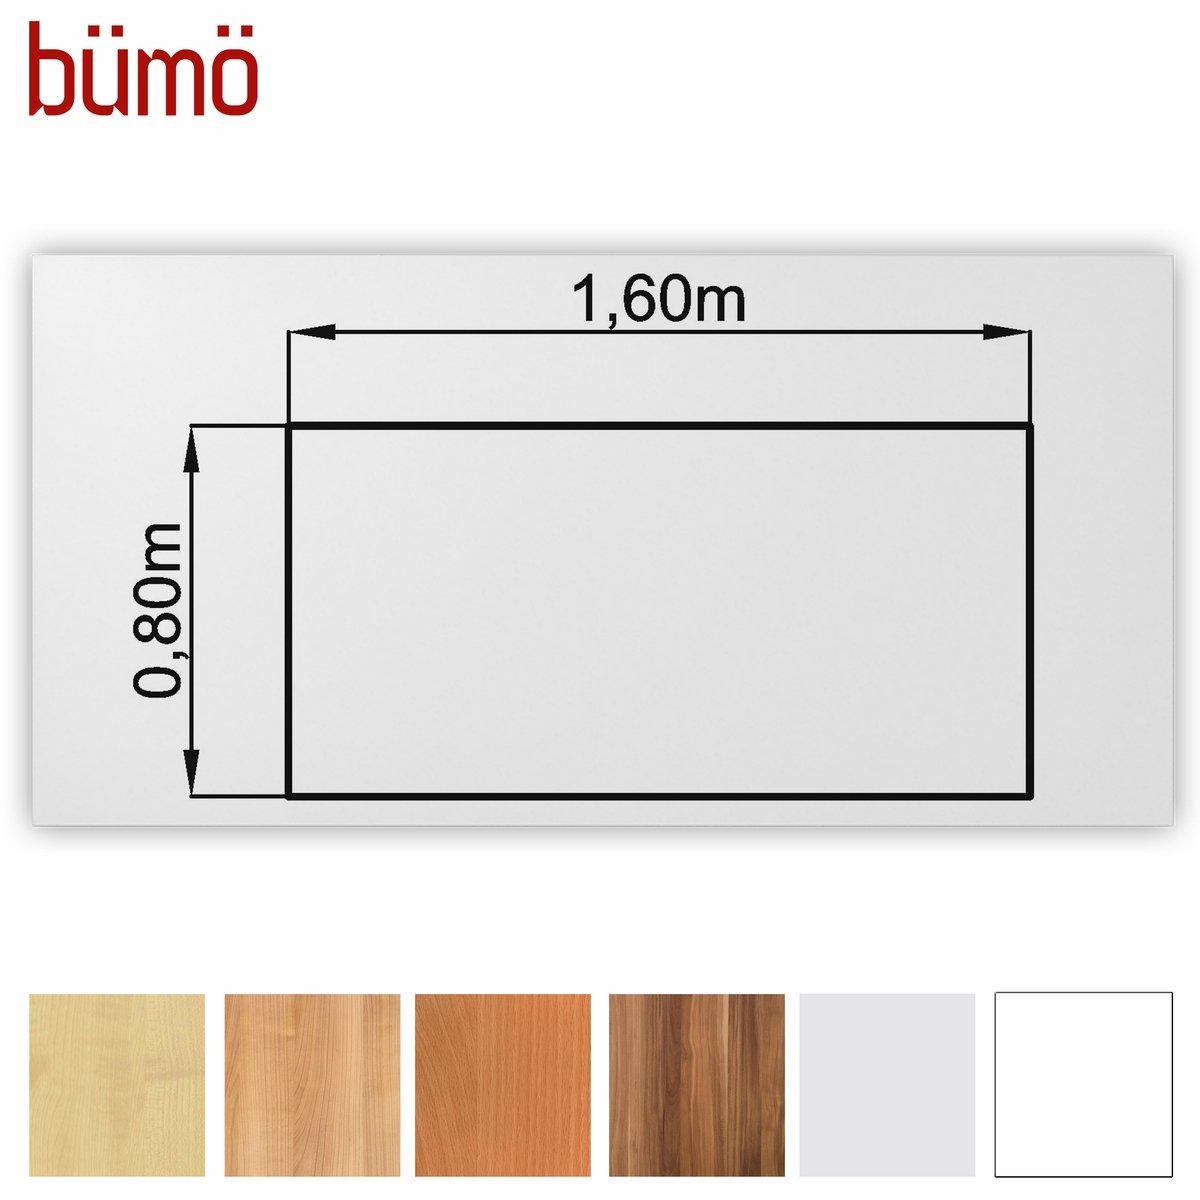 Bümö® stabile Tischplatte 2,5 cm stark - DIY Schreibtischplatte aus Holz   Bürotischplatte belastbar mit 120 kg   Spanholzplatte in vielen Formen & Dekoren  Platte für Büro, Tisch & mehr (Rechte